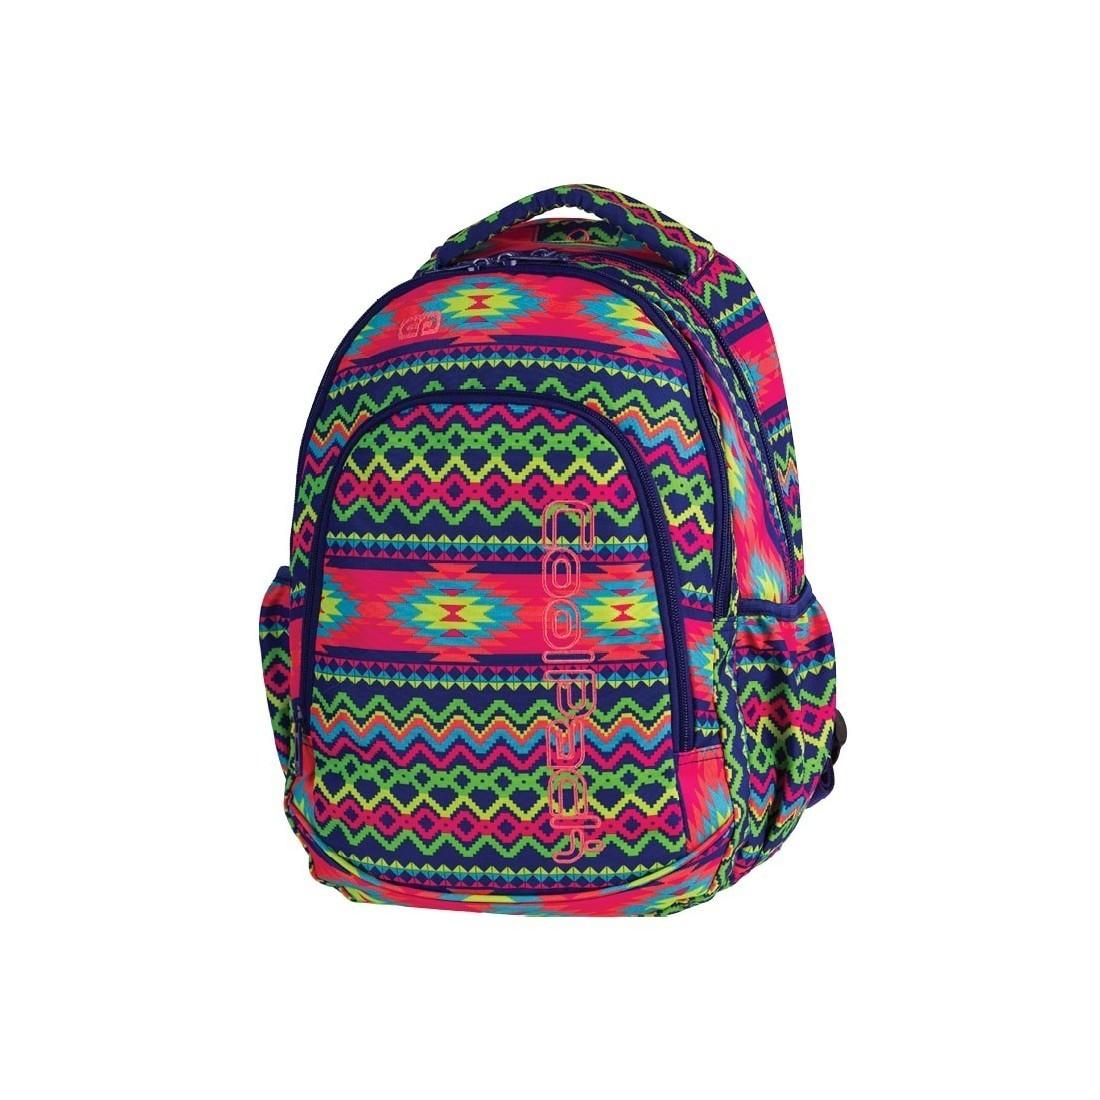 b9e75931b1375 CoolPack CP PRIME BOHO ELECTRA Aztec Boho plecak dla pierwszoklasisty azteckie  wzory dla dziewczynki - 1061